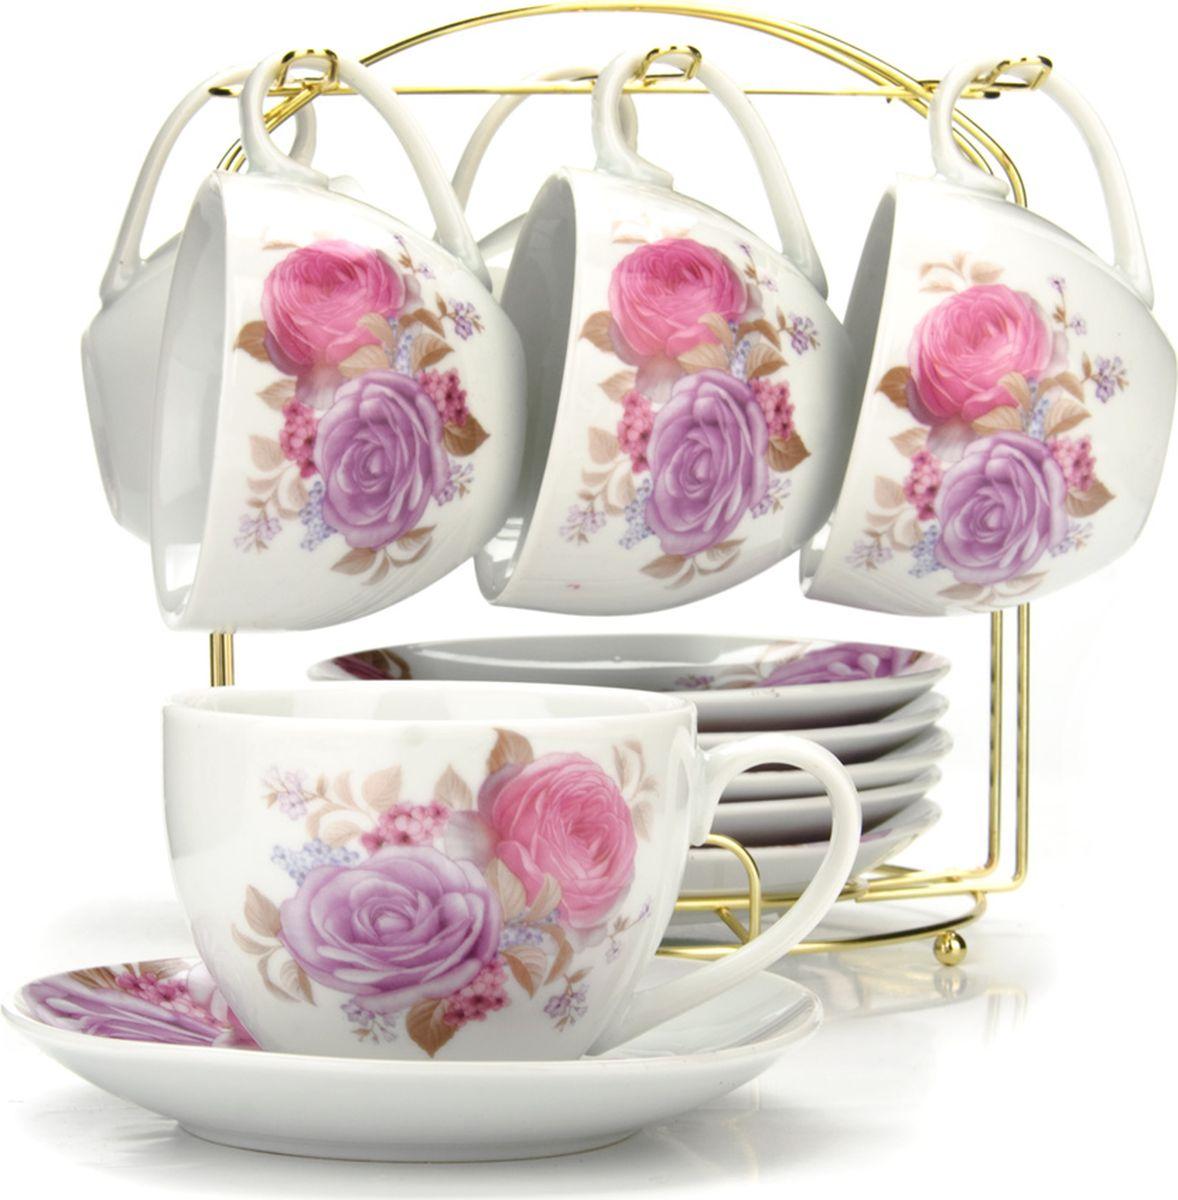 Сервиз чайный Loraine, на подставке, 13 предметов. 43289 сервиз чайный loraine на подставке 13 предметов 43295